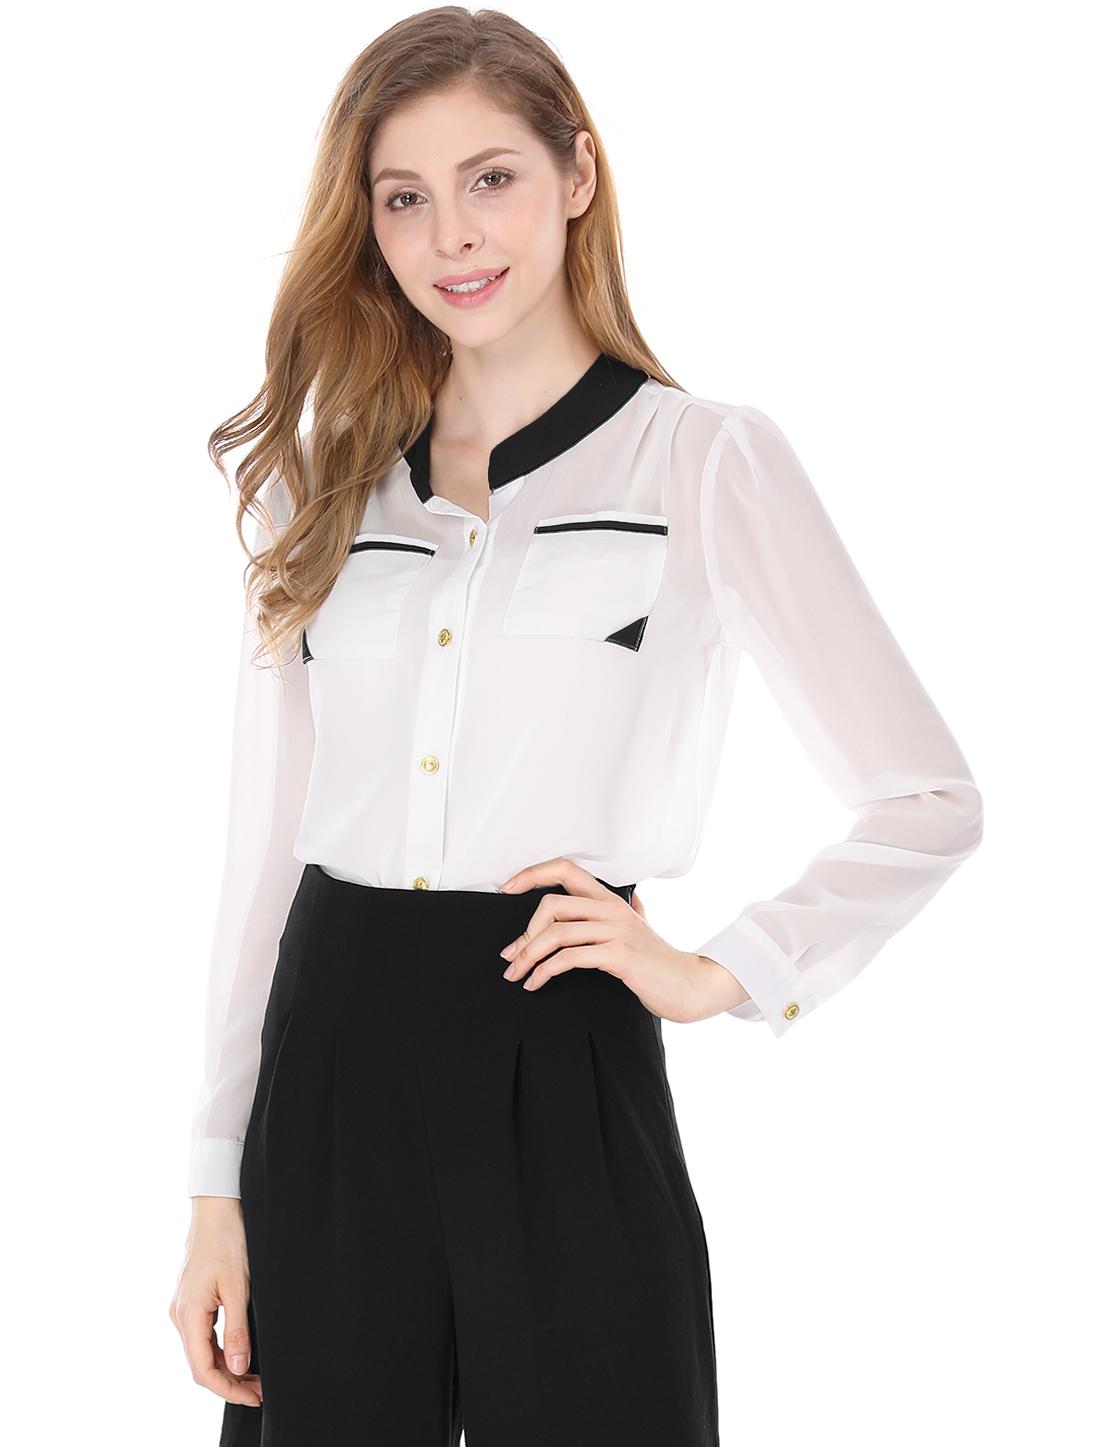 Ladies Single Breasted Semi Sheer Leisure Slim Chiffon Shirt White XL